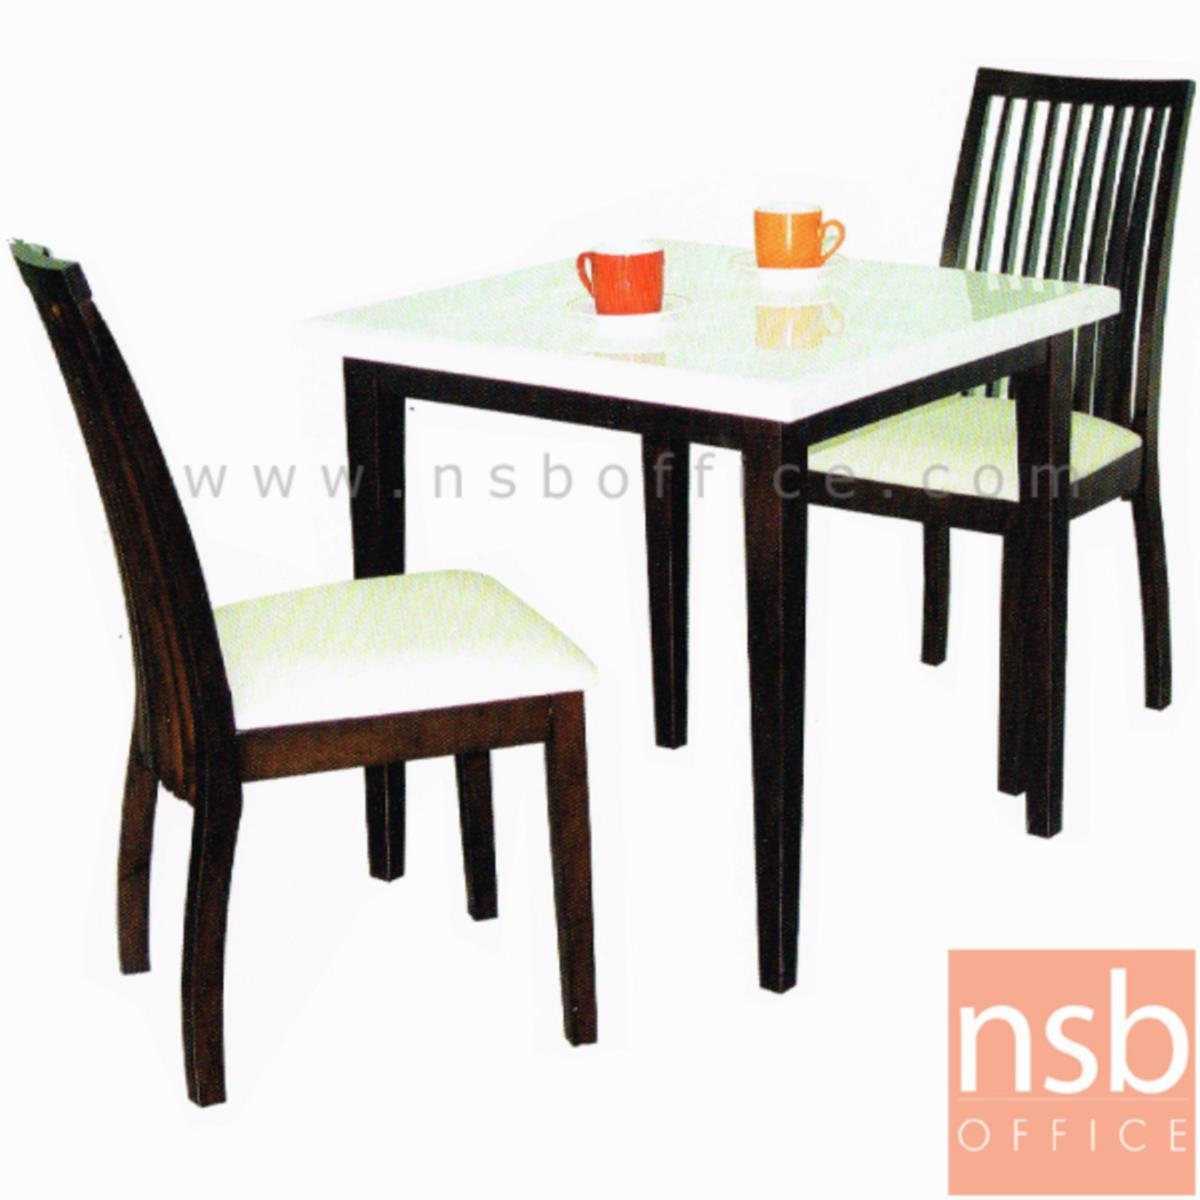 G14A100:ชุดโต๊ะรับประทานอาหารหน้าหิน 2 ที่นั่ง รุ่น Goldblum (โกลด์บลุม) ขนาด 75W cm. พร้อมเก้าอี้